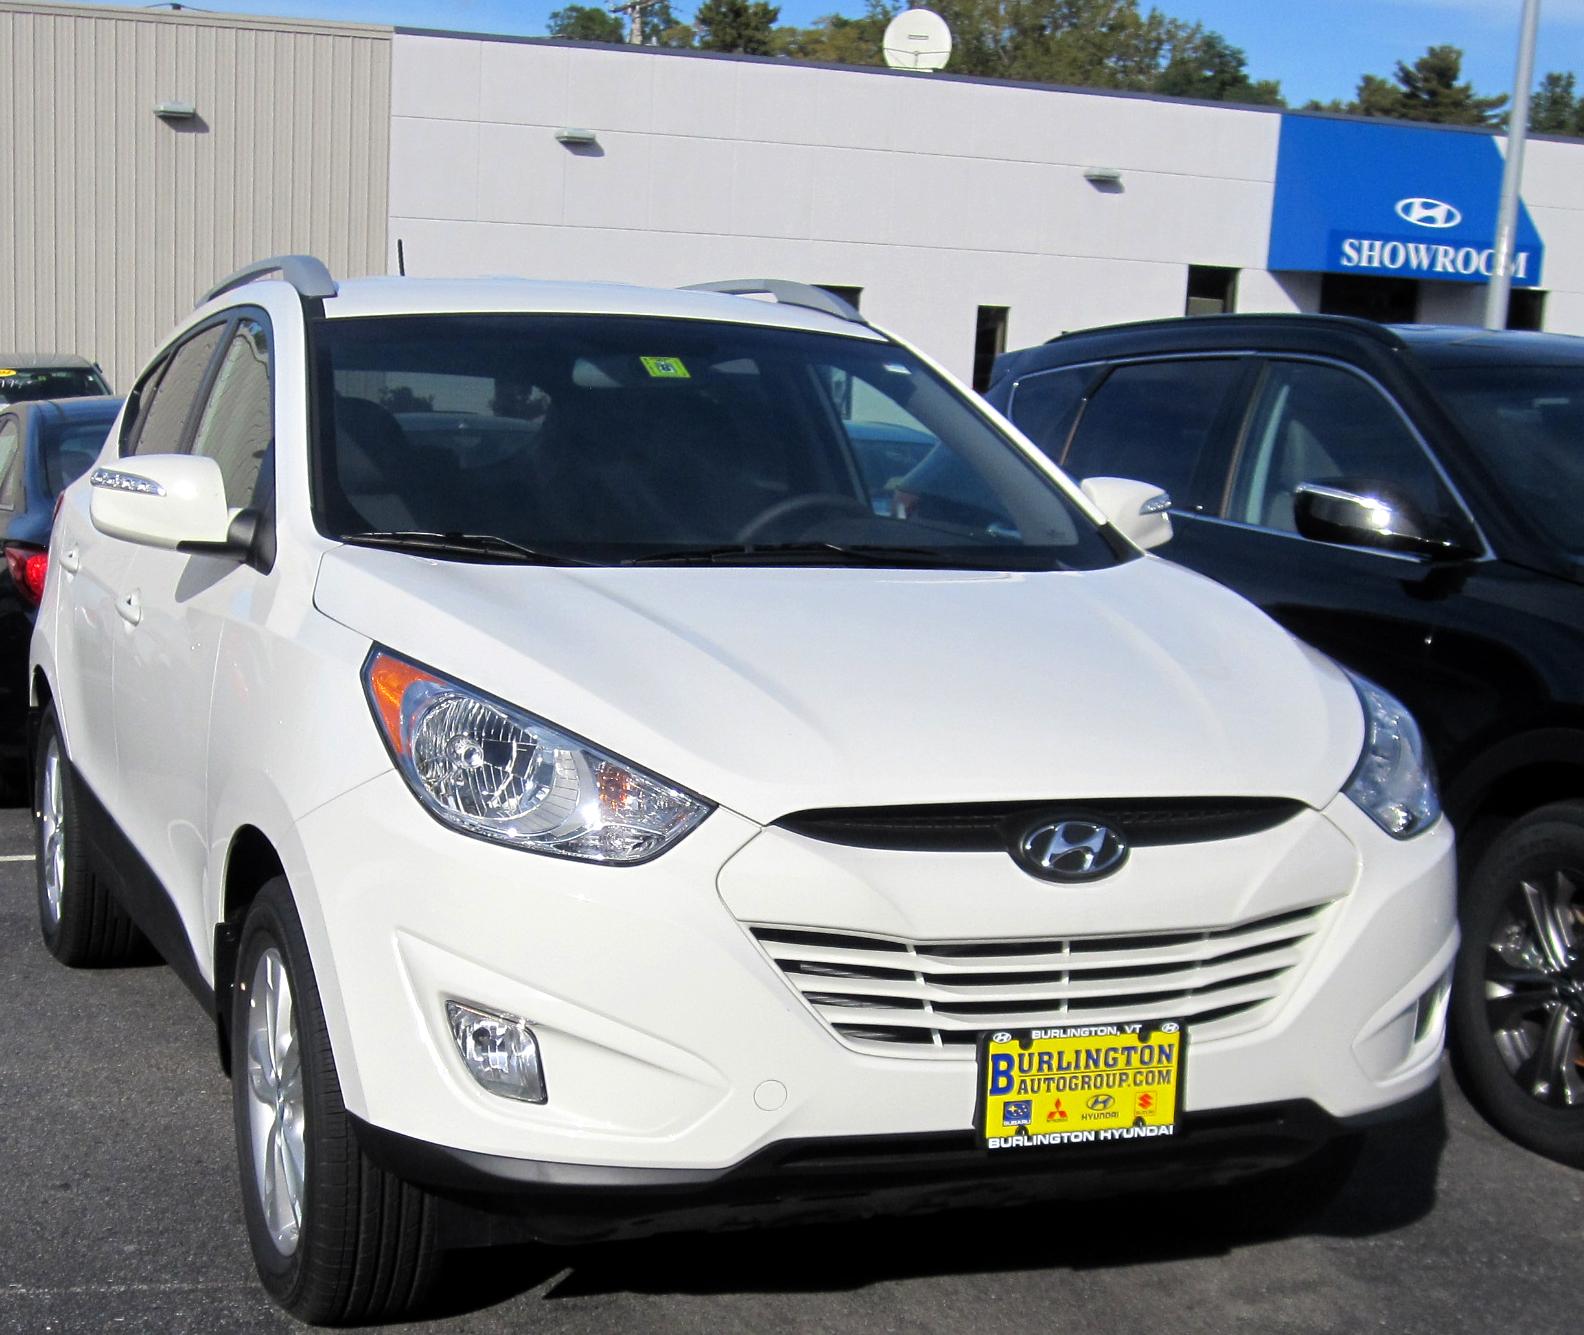 Tuson Hyundai: Burlington Hyundai's Hyundai Headlines: 2013 Hyundai